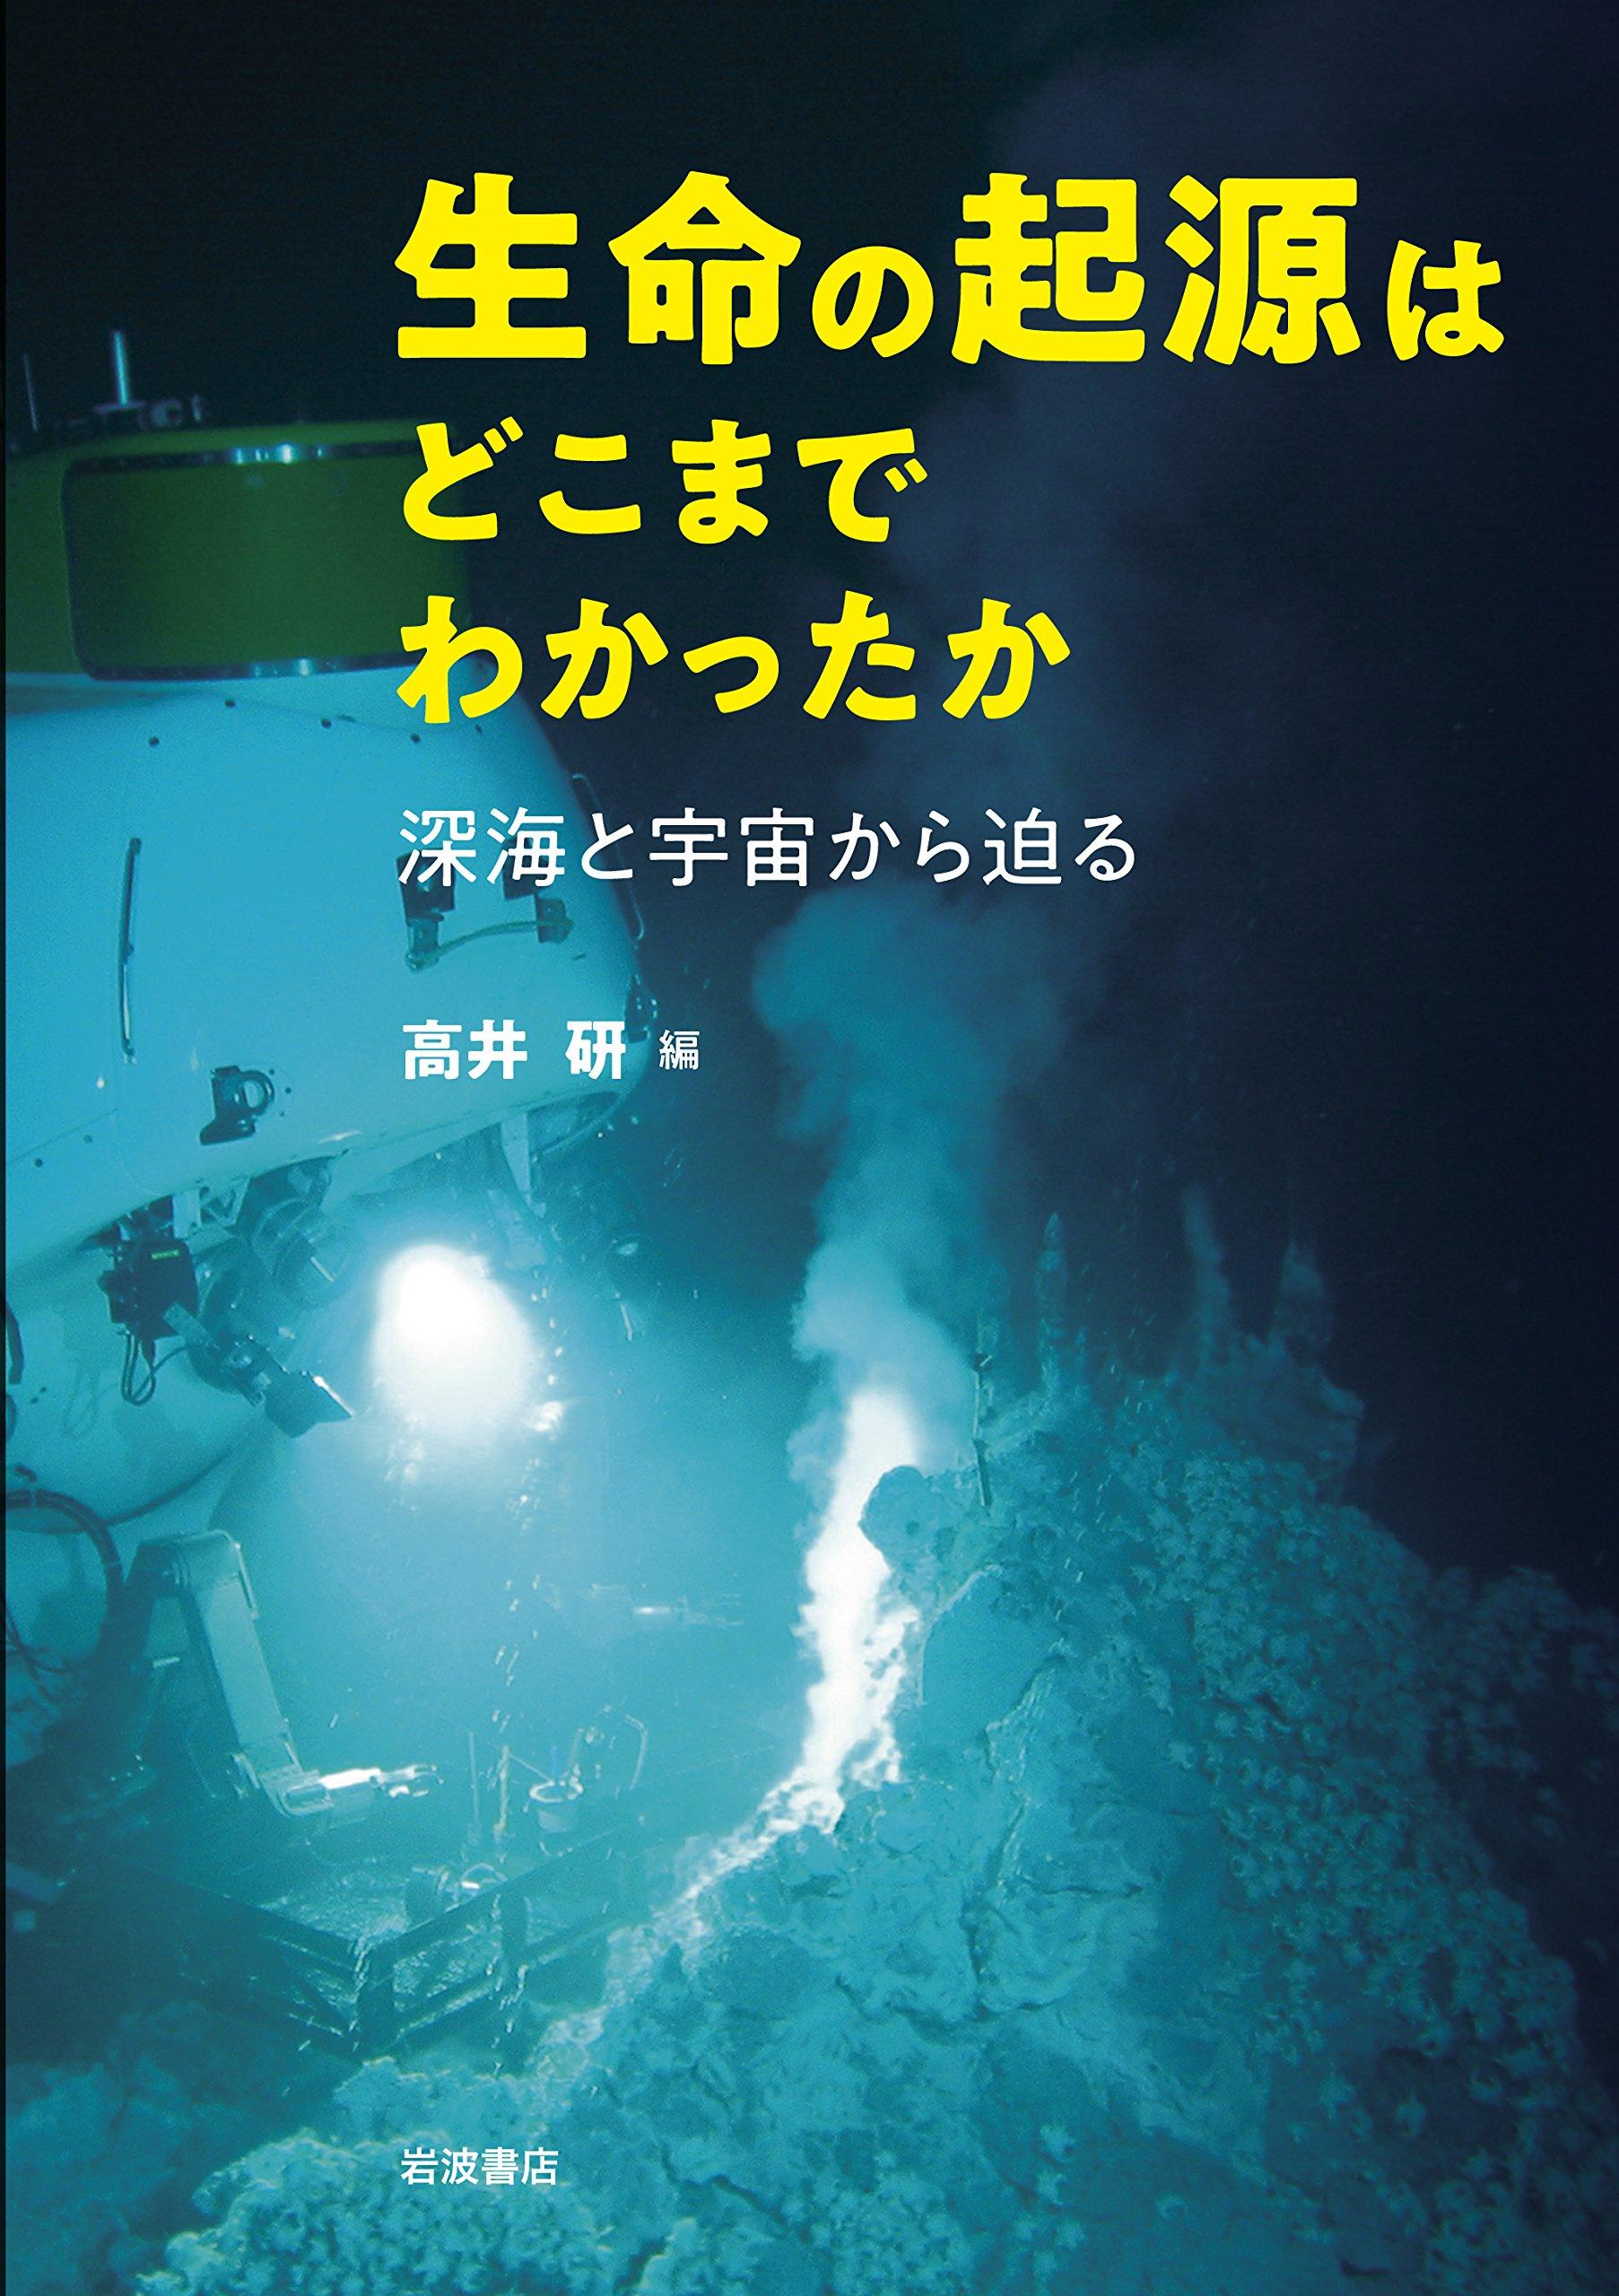 深海サウンドチャネル - SOFAR c...